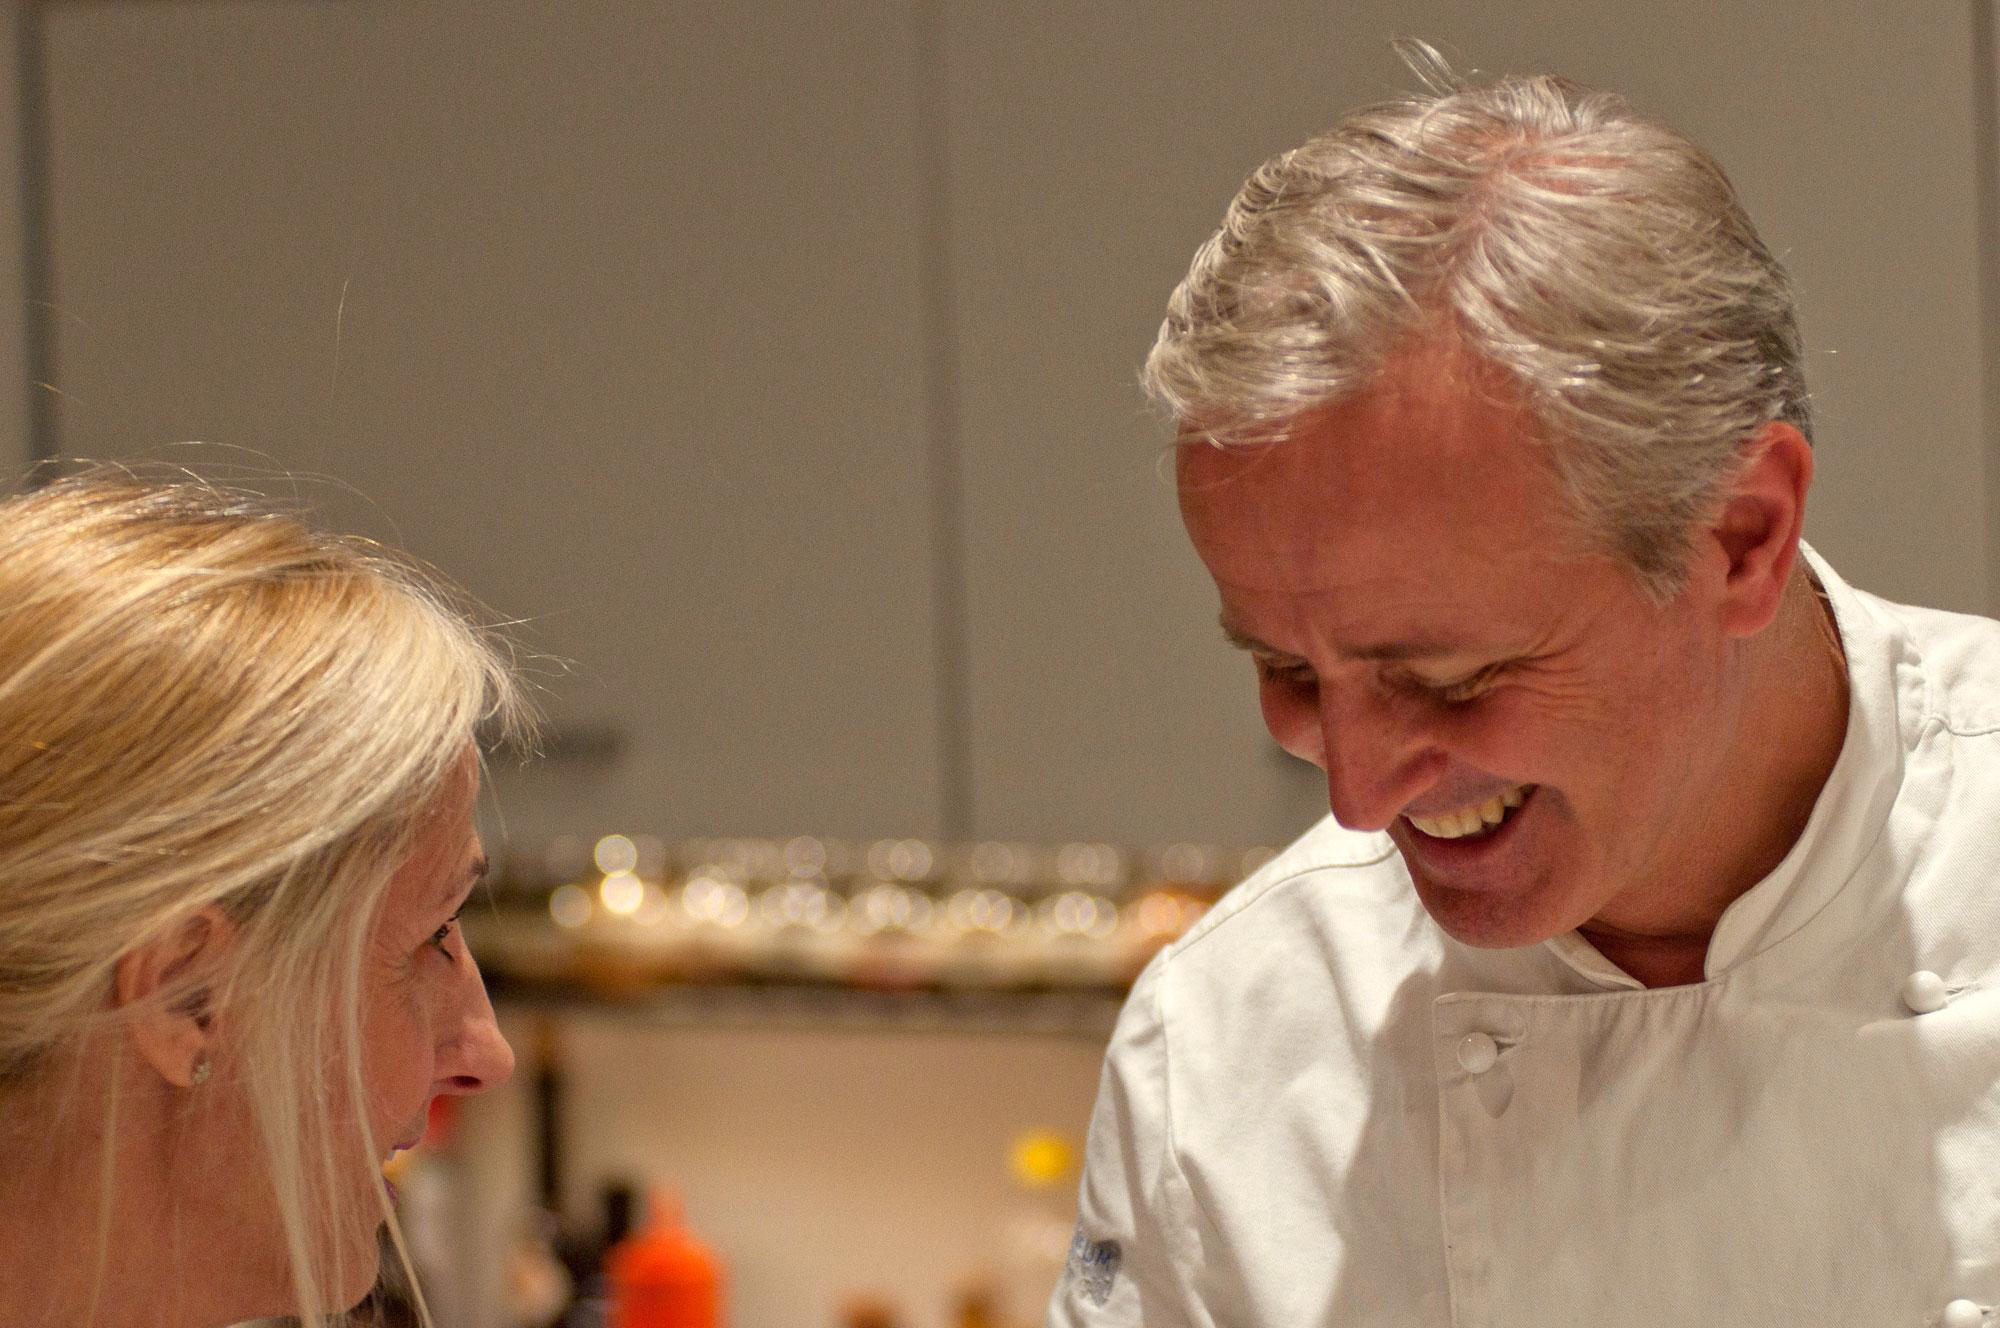 Aurelio Carraffa Chef - Cooking show